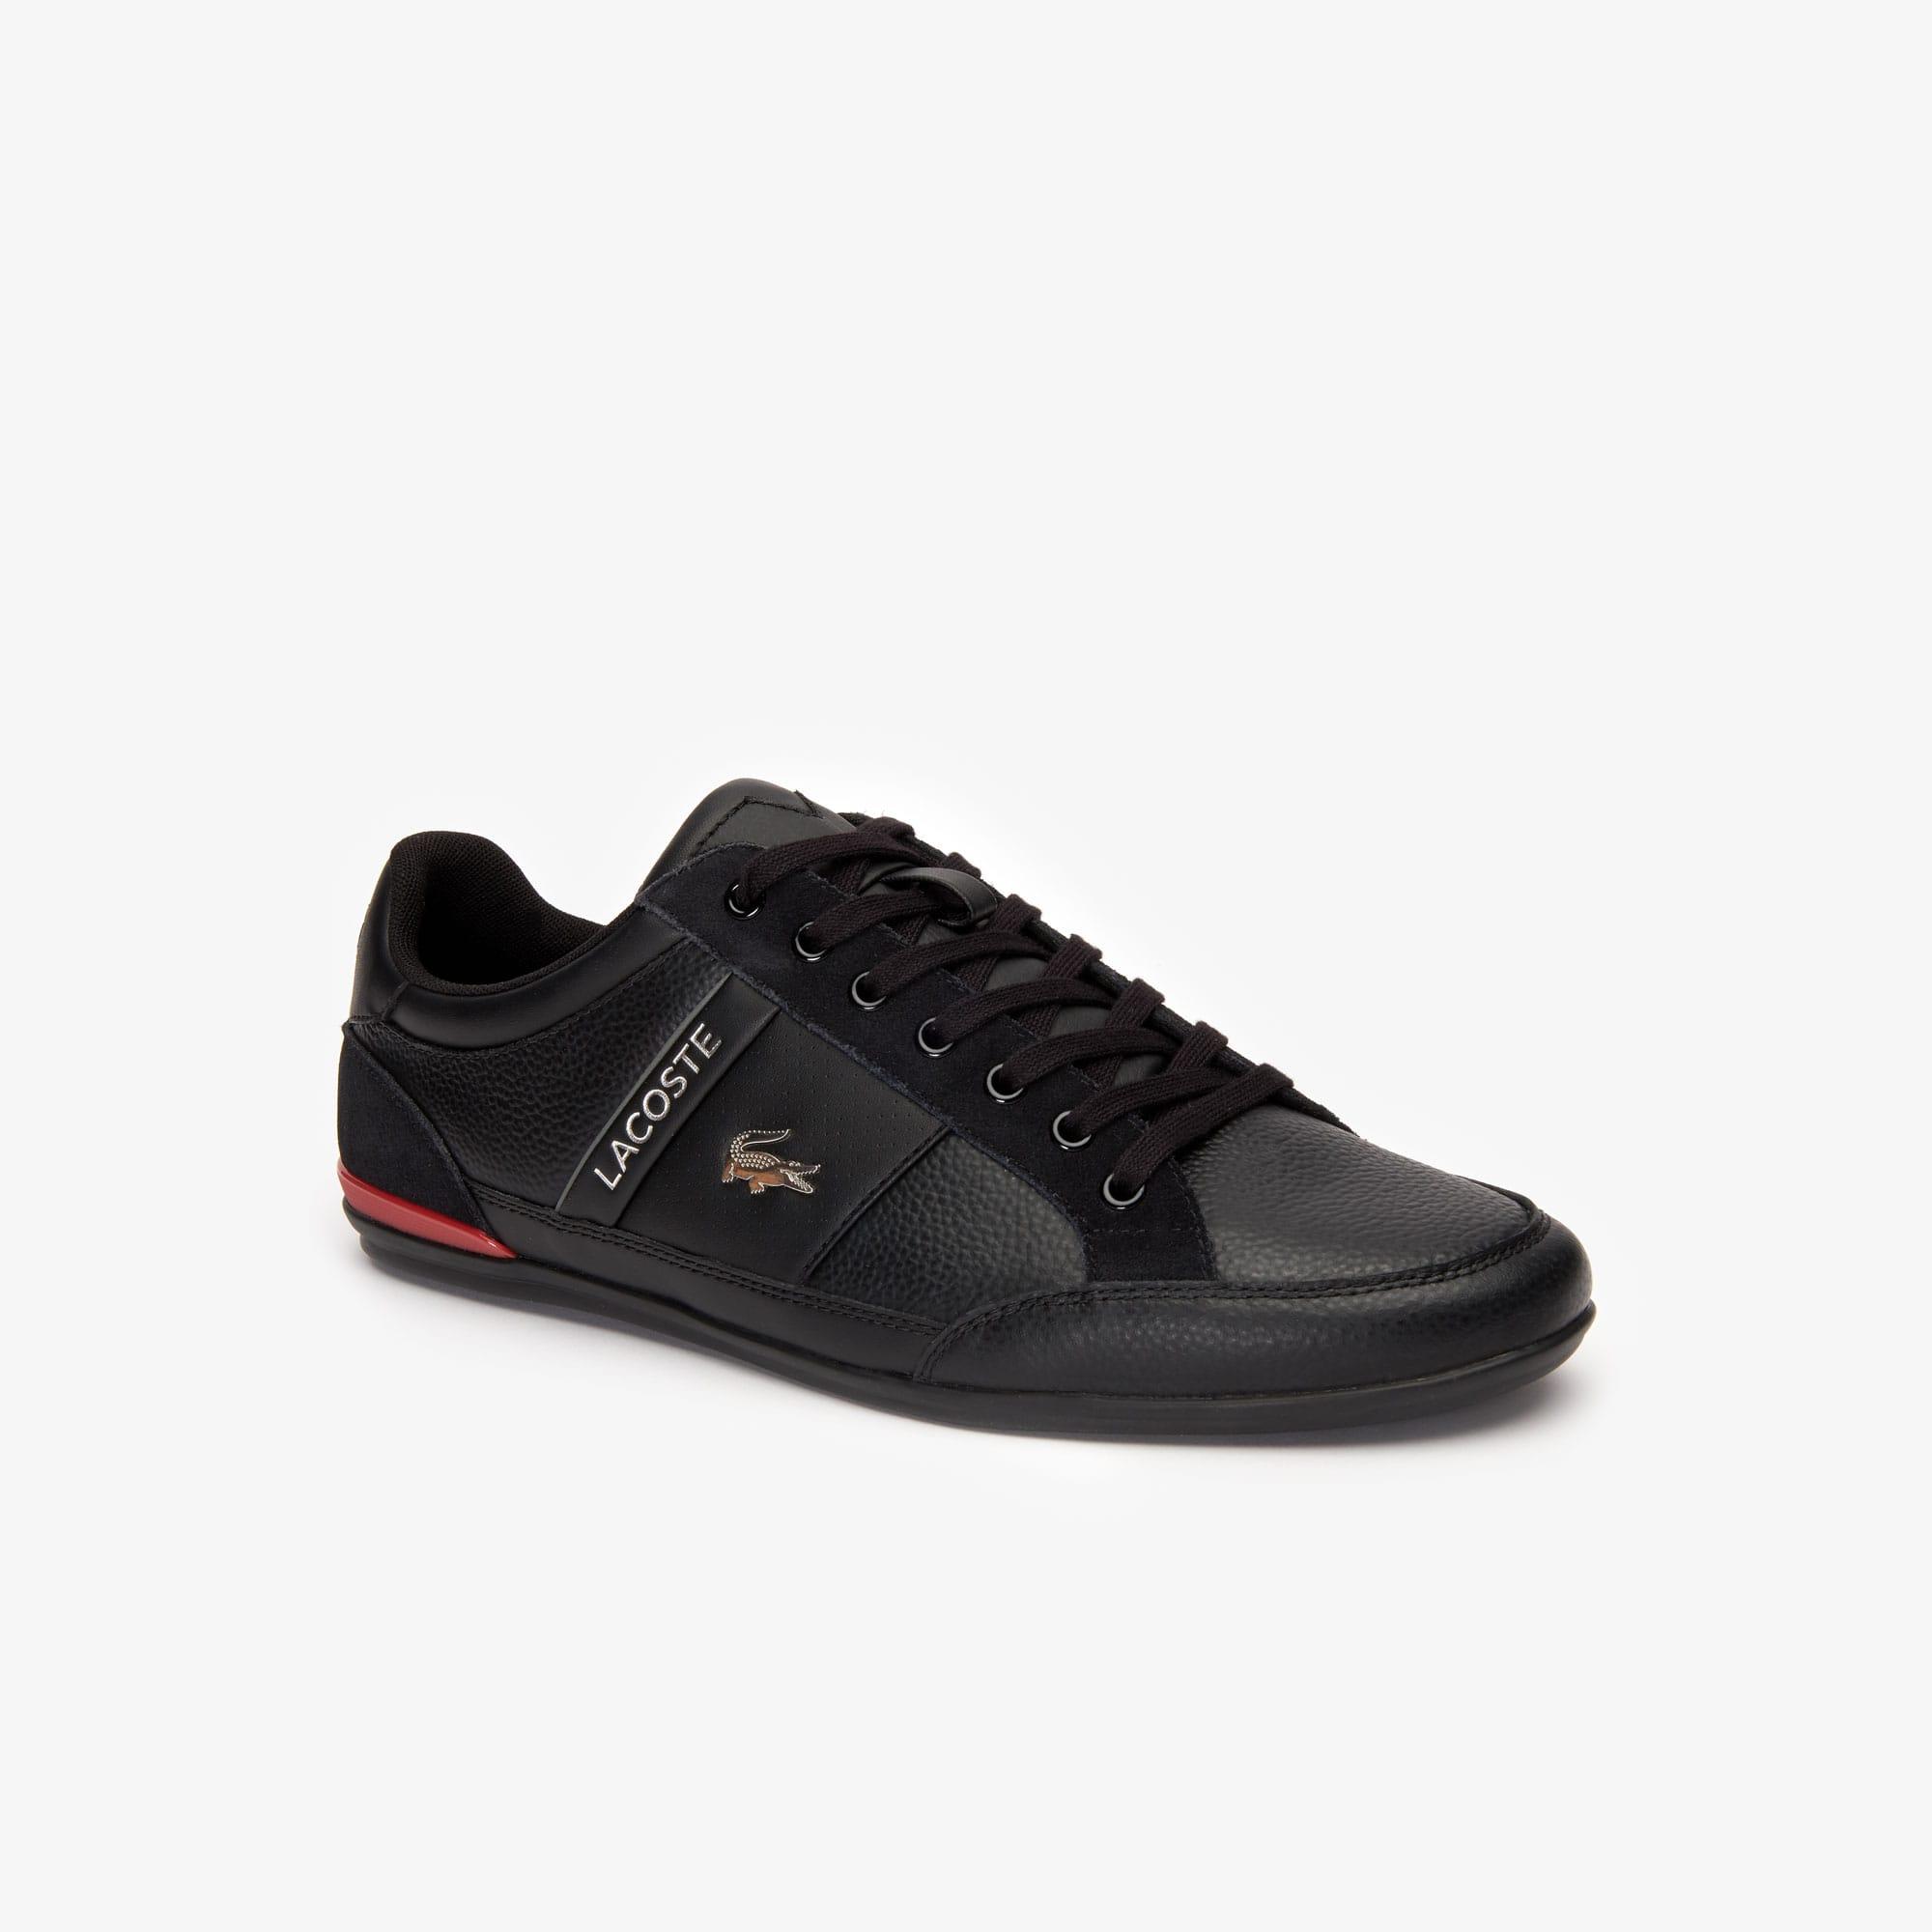 Lacoste Sneakers Men's Chaymon Leather Sneakers